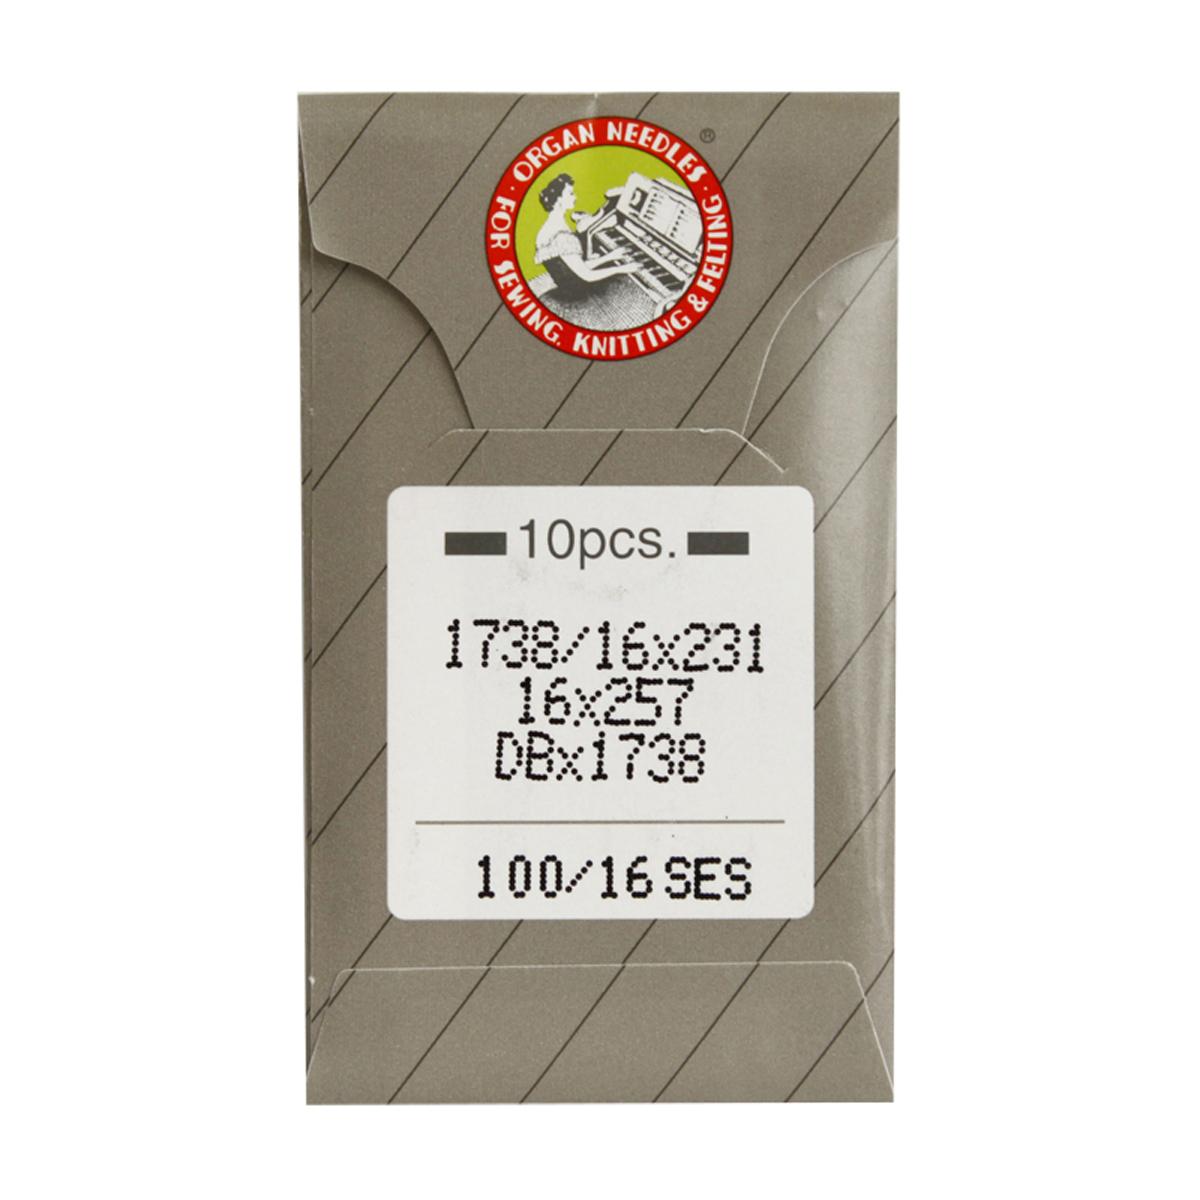 Иглы для промышленных швейных машин Organ, DBx1/100 SES, 10 шт162286Иглы для промышленных швейных машин Organ с маркировкой DBx1 предназначены для прямострочных швейных машин. Иглы используются для пошива трикотажа (SES). Острие игл тонкое, стандартное.Предназначены для машин цепного стежка 10Б, 53, 810 классов и импортных аналогов. В промышленных машинах используются иглы с круглыми колбами, в отличие от игл бытовых машин, у которых колбы плоские. Круглая колба позволяет при наладке машины и установке иглы поворачивать (вращать) иглу, закрепляя ее в нужном положении. Диаметр колбы: 1,64 мм. Длина иглы: 33,9 мм. Номер игл: 100.